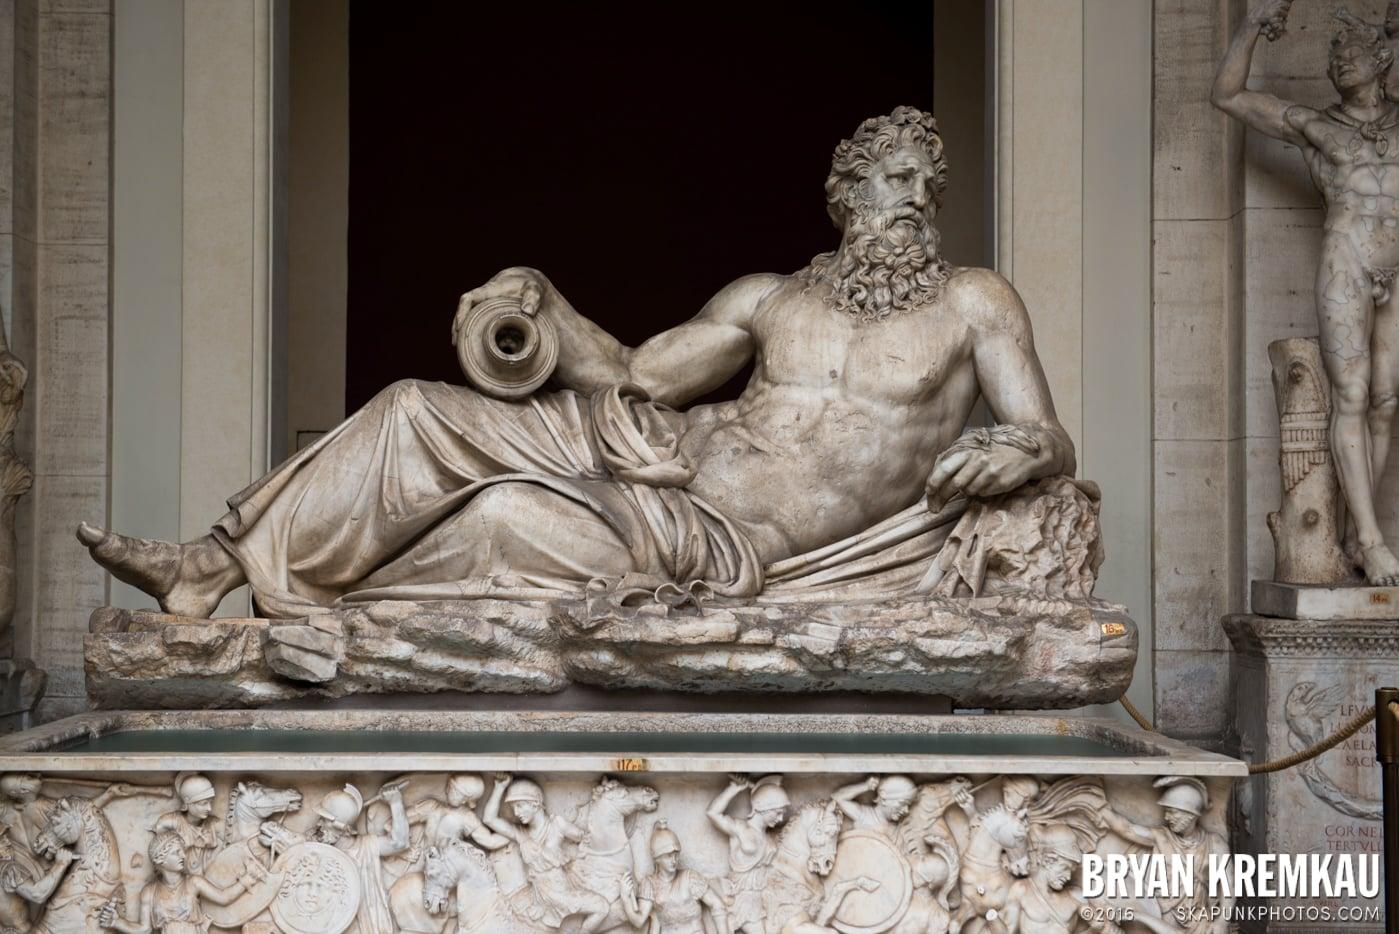 Italy Vacation - Day 3: Rome - 9.11.13 (54)